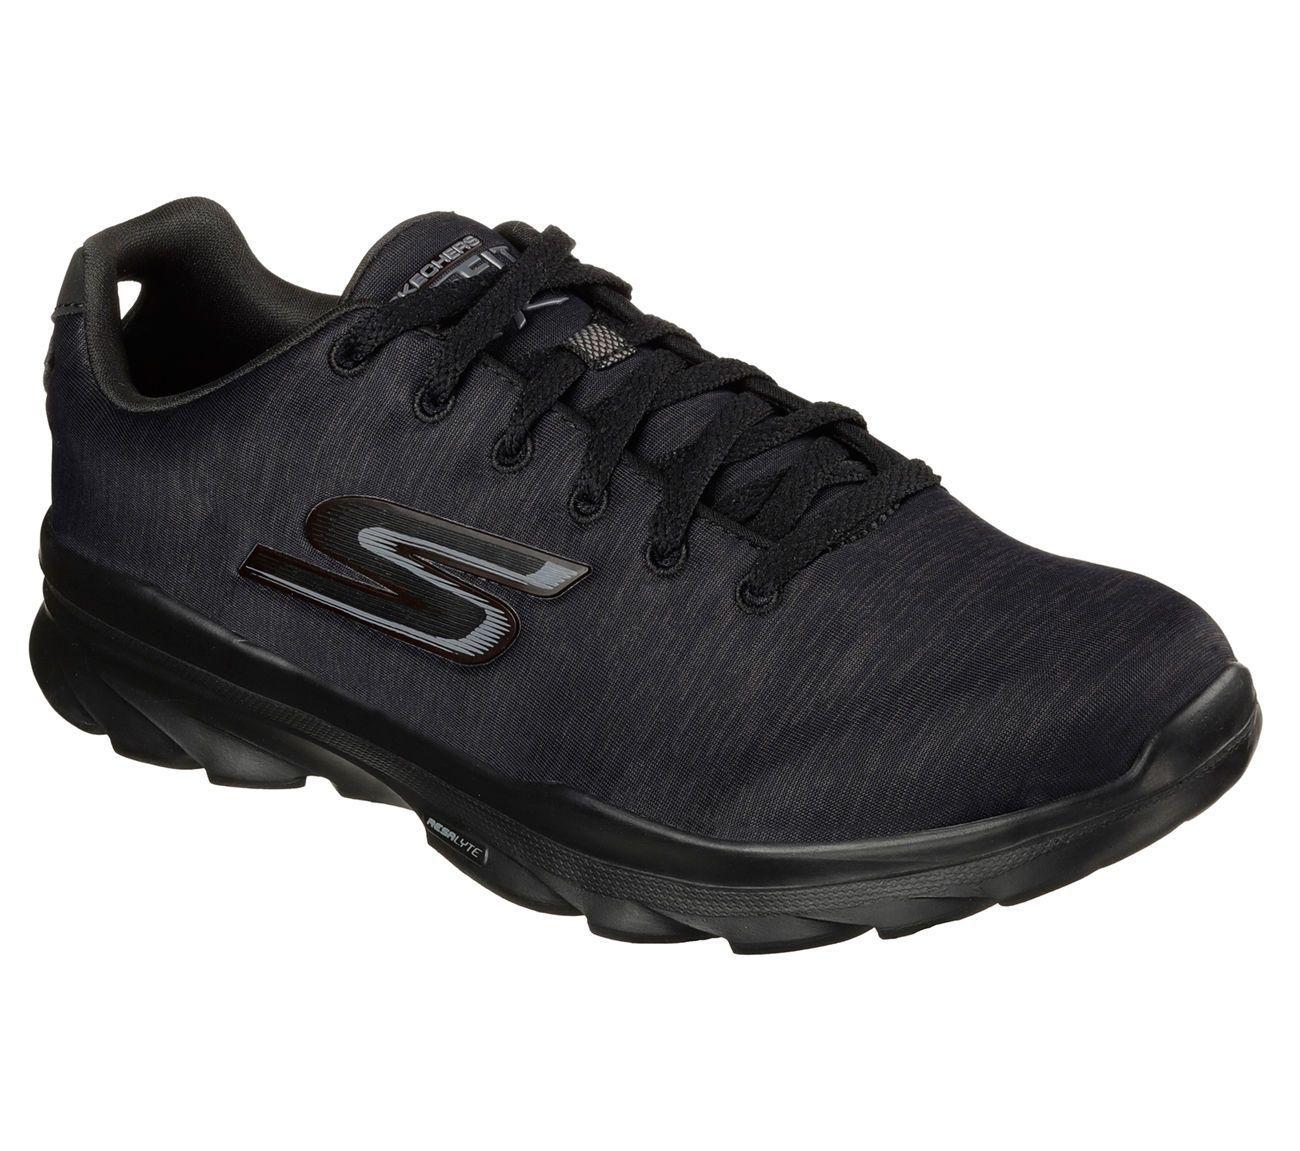 Details about 14086 Black Skechers Shoes Go Fit Women's